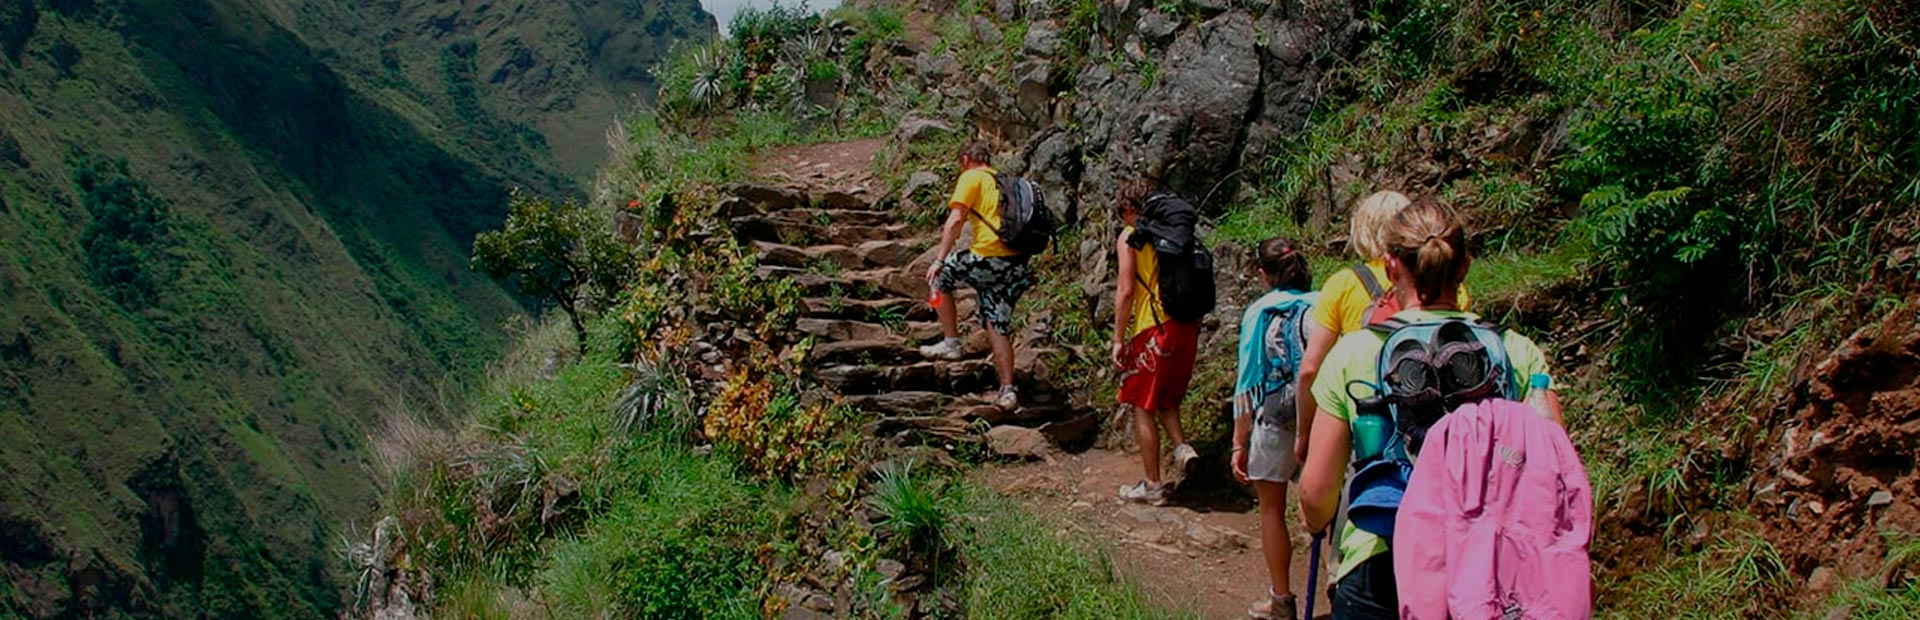 Machu Picchu Sunrise Tour – 2 Days